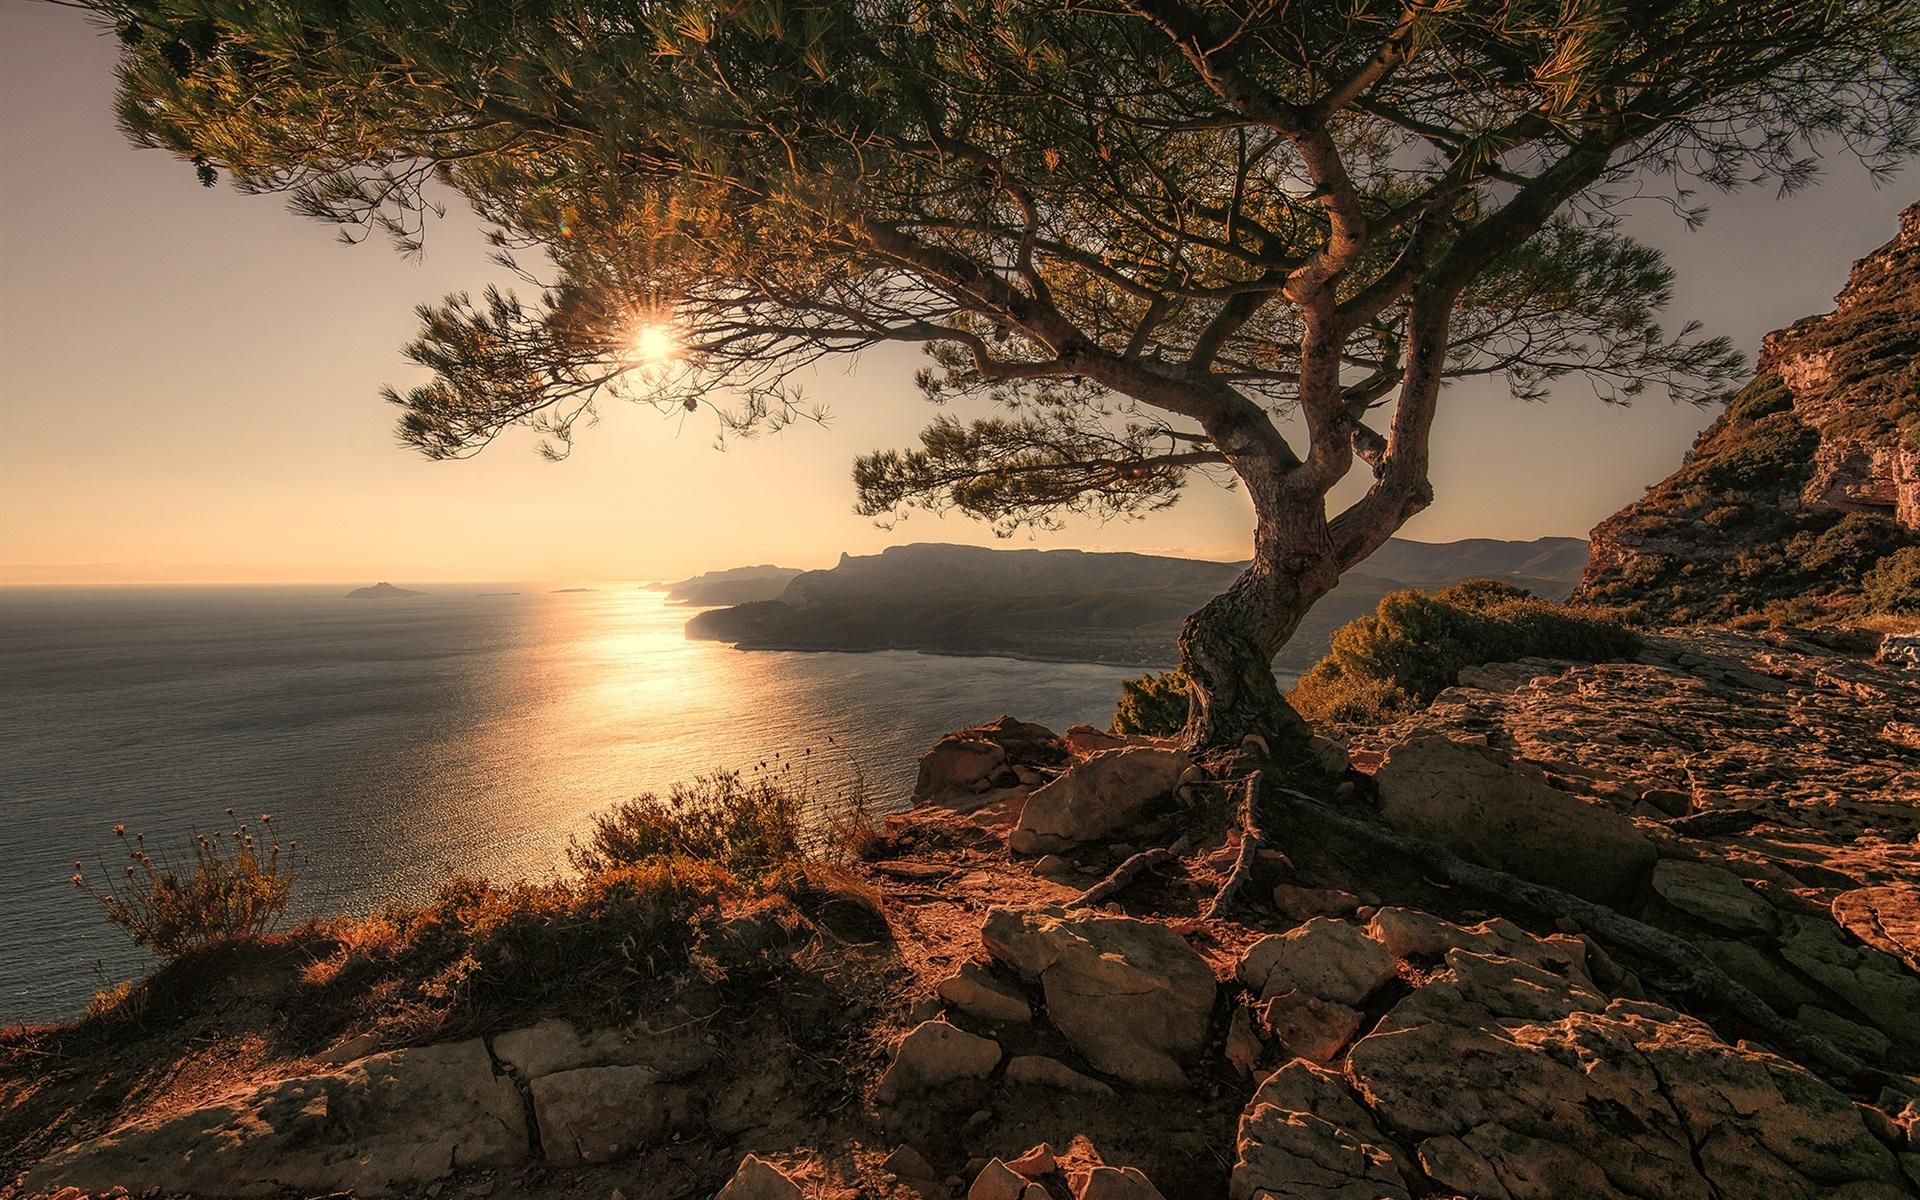 природа море деревья камни скалы  № 38490 загрузить